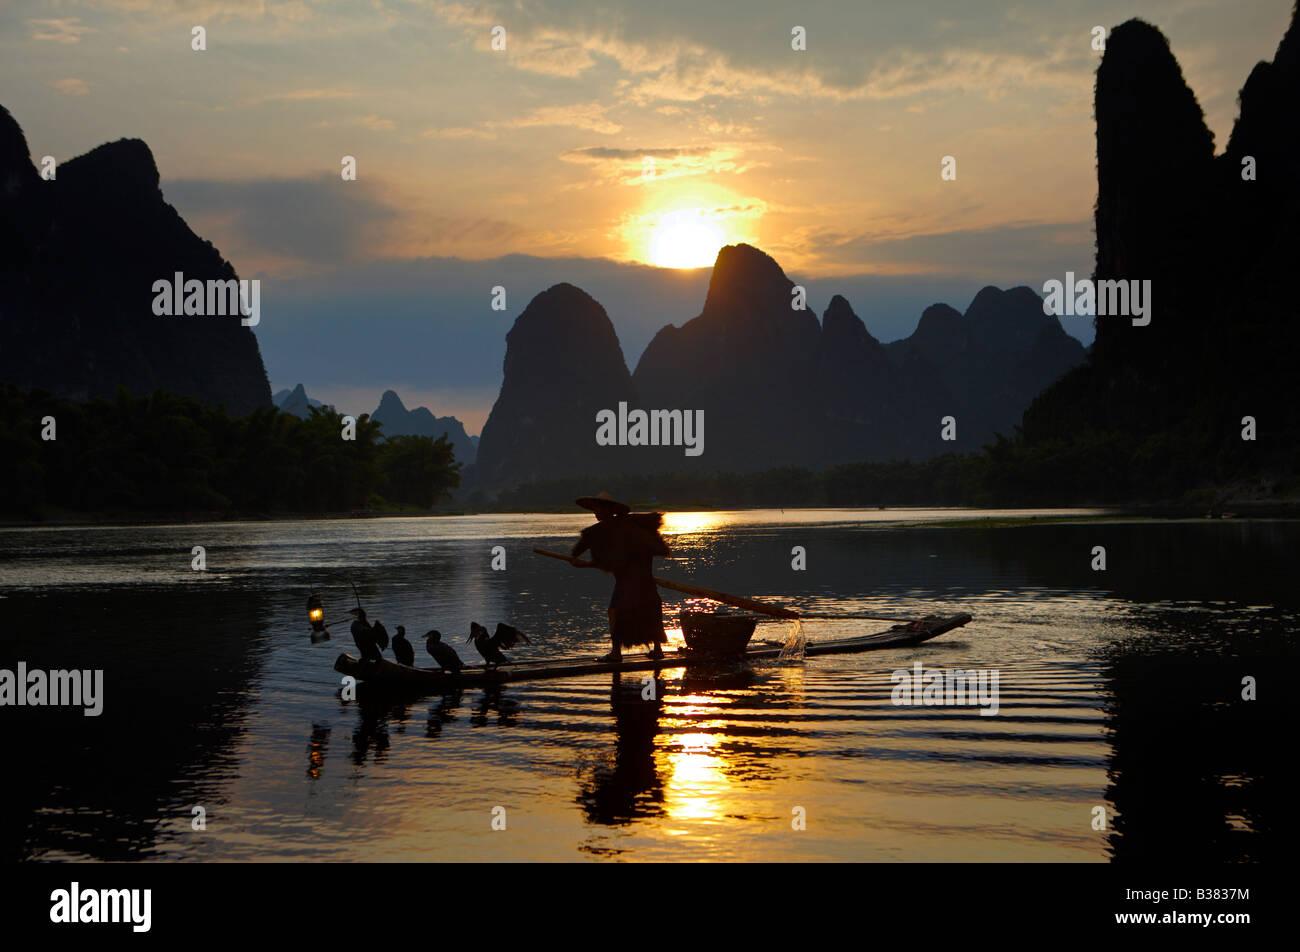 Cormorano pescatore di Lijang Fiume Li Xingping Guilin provincia cinese. modello di rilascio 701 Immagini Stock